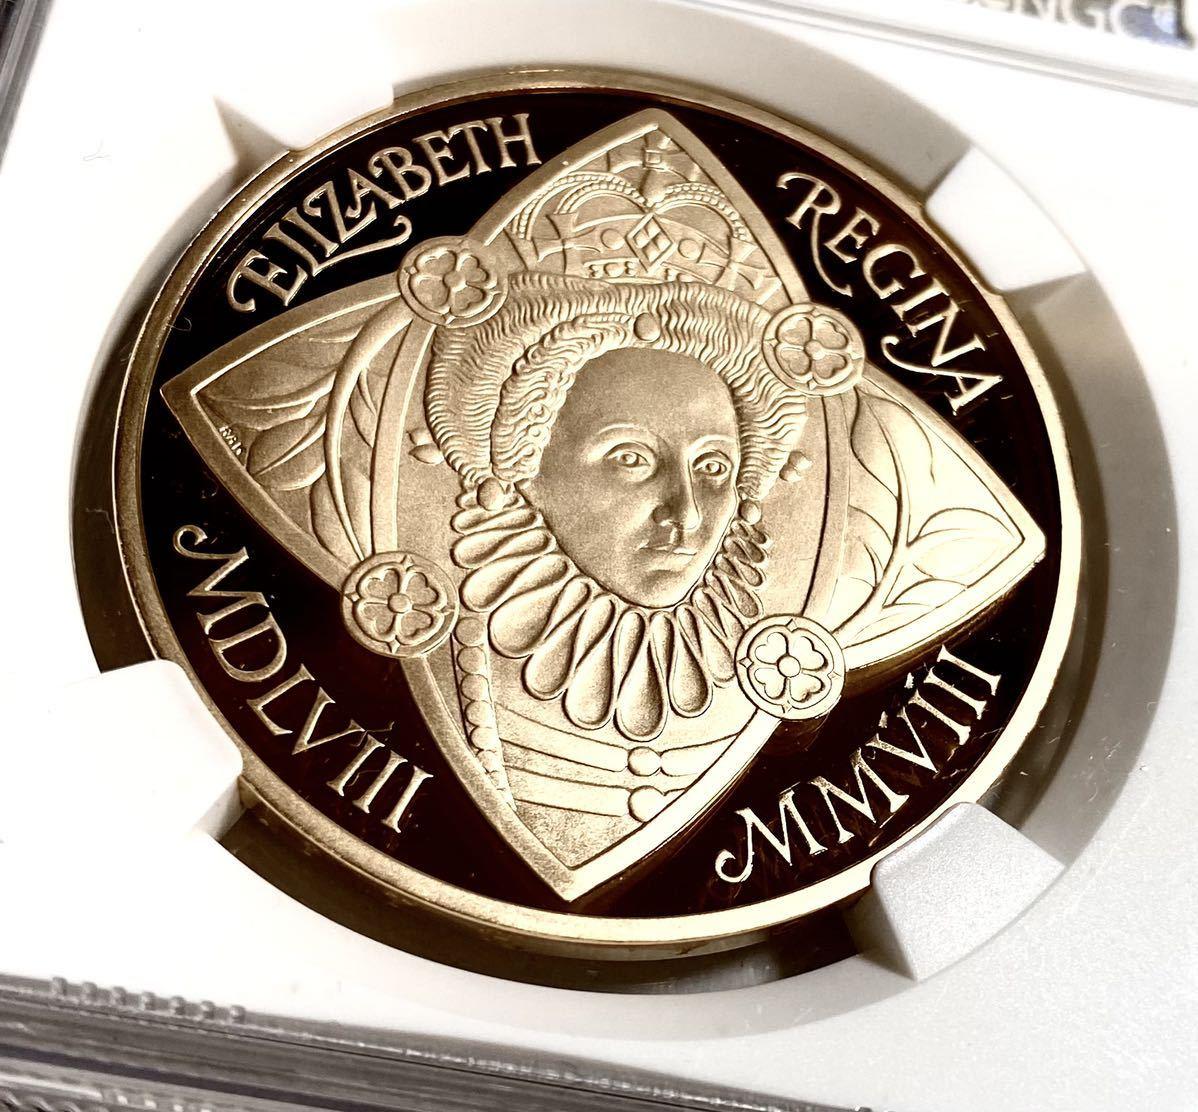 イギリス金貨 2008 5ポンド エリザベス1世 NGC PF70UC 発行枚数1500枚 NGC最高鑑定27枚_画像3